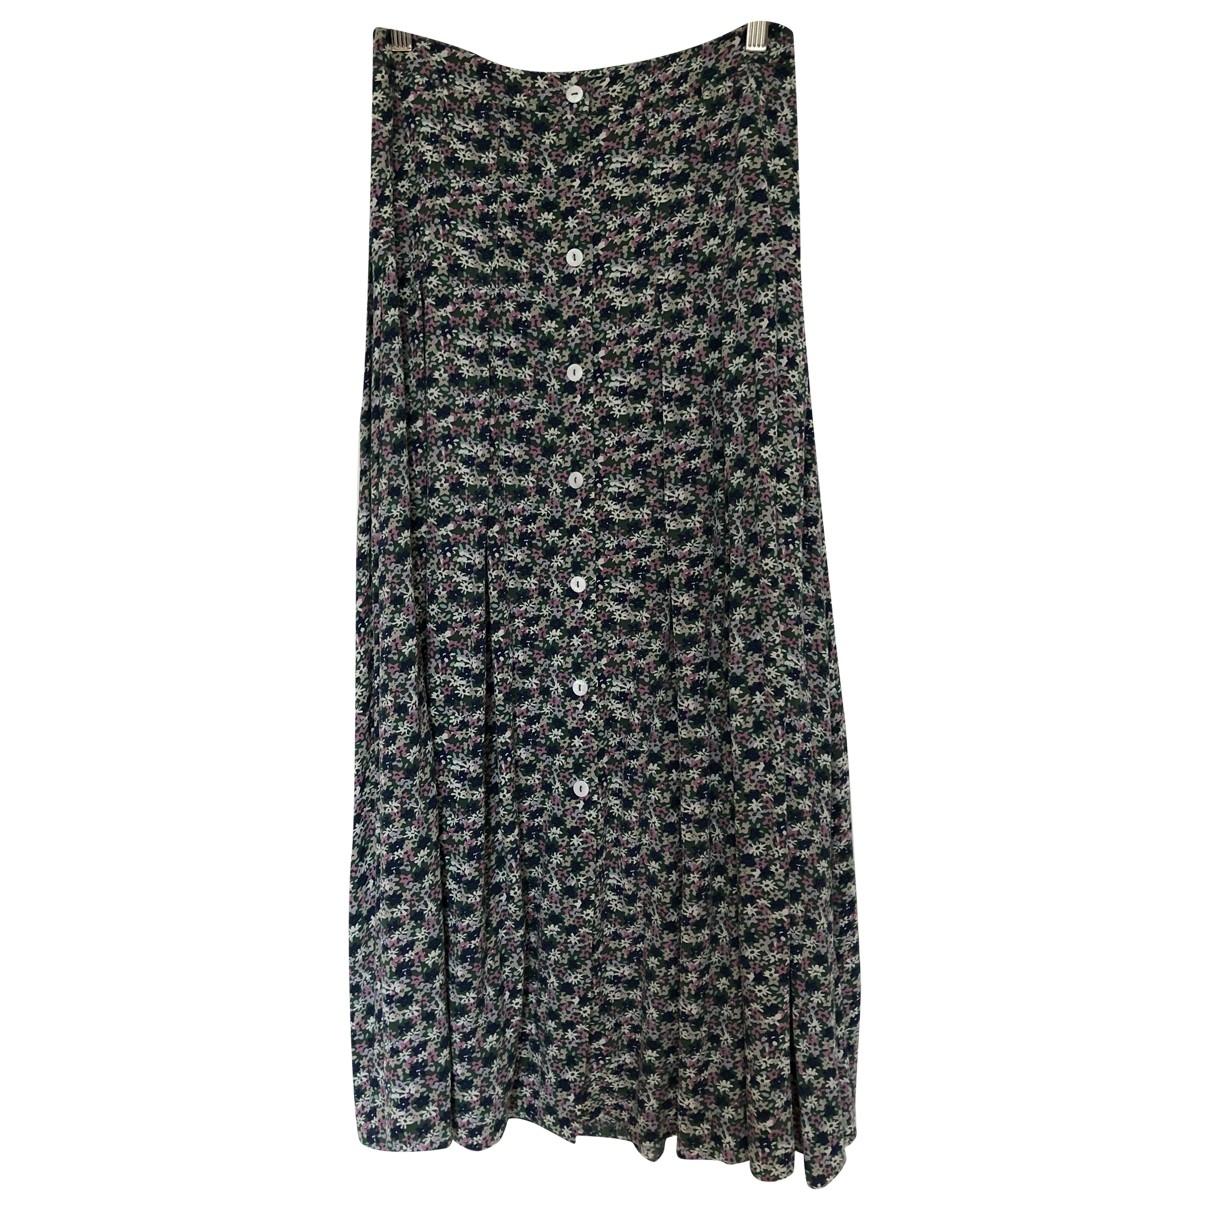 Samsoe & Samsoe \N Multicolour skirt for Women S International